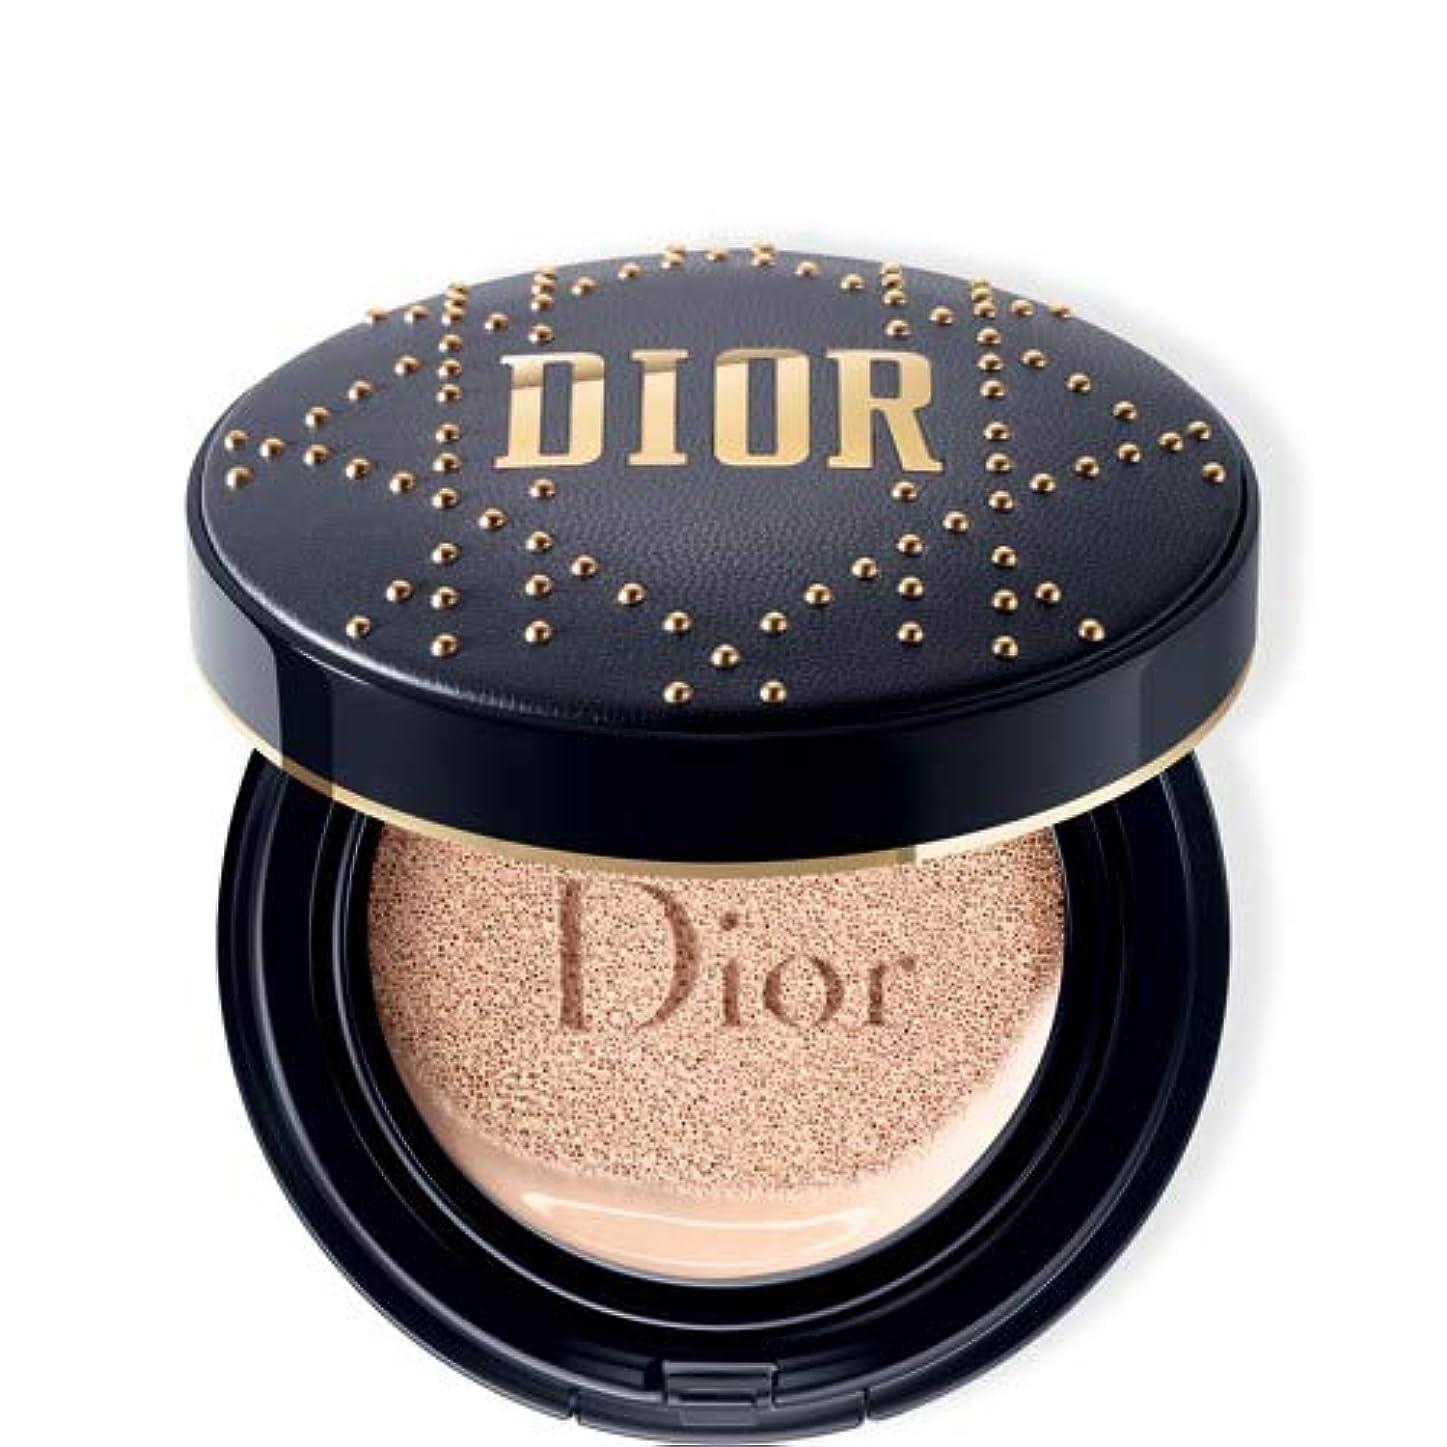 虫を数える願望分子Dior ディオールスキン フォーエヴァー クッション - 限定スタッズ カナージュ ケース #030